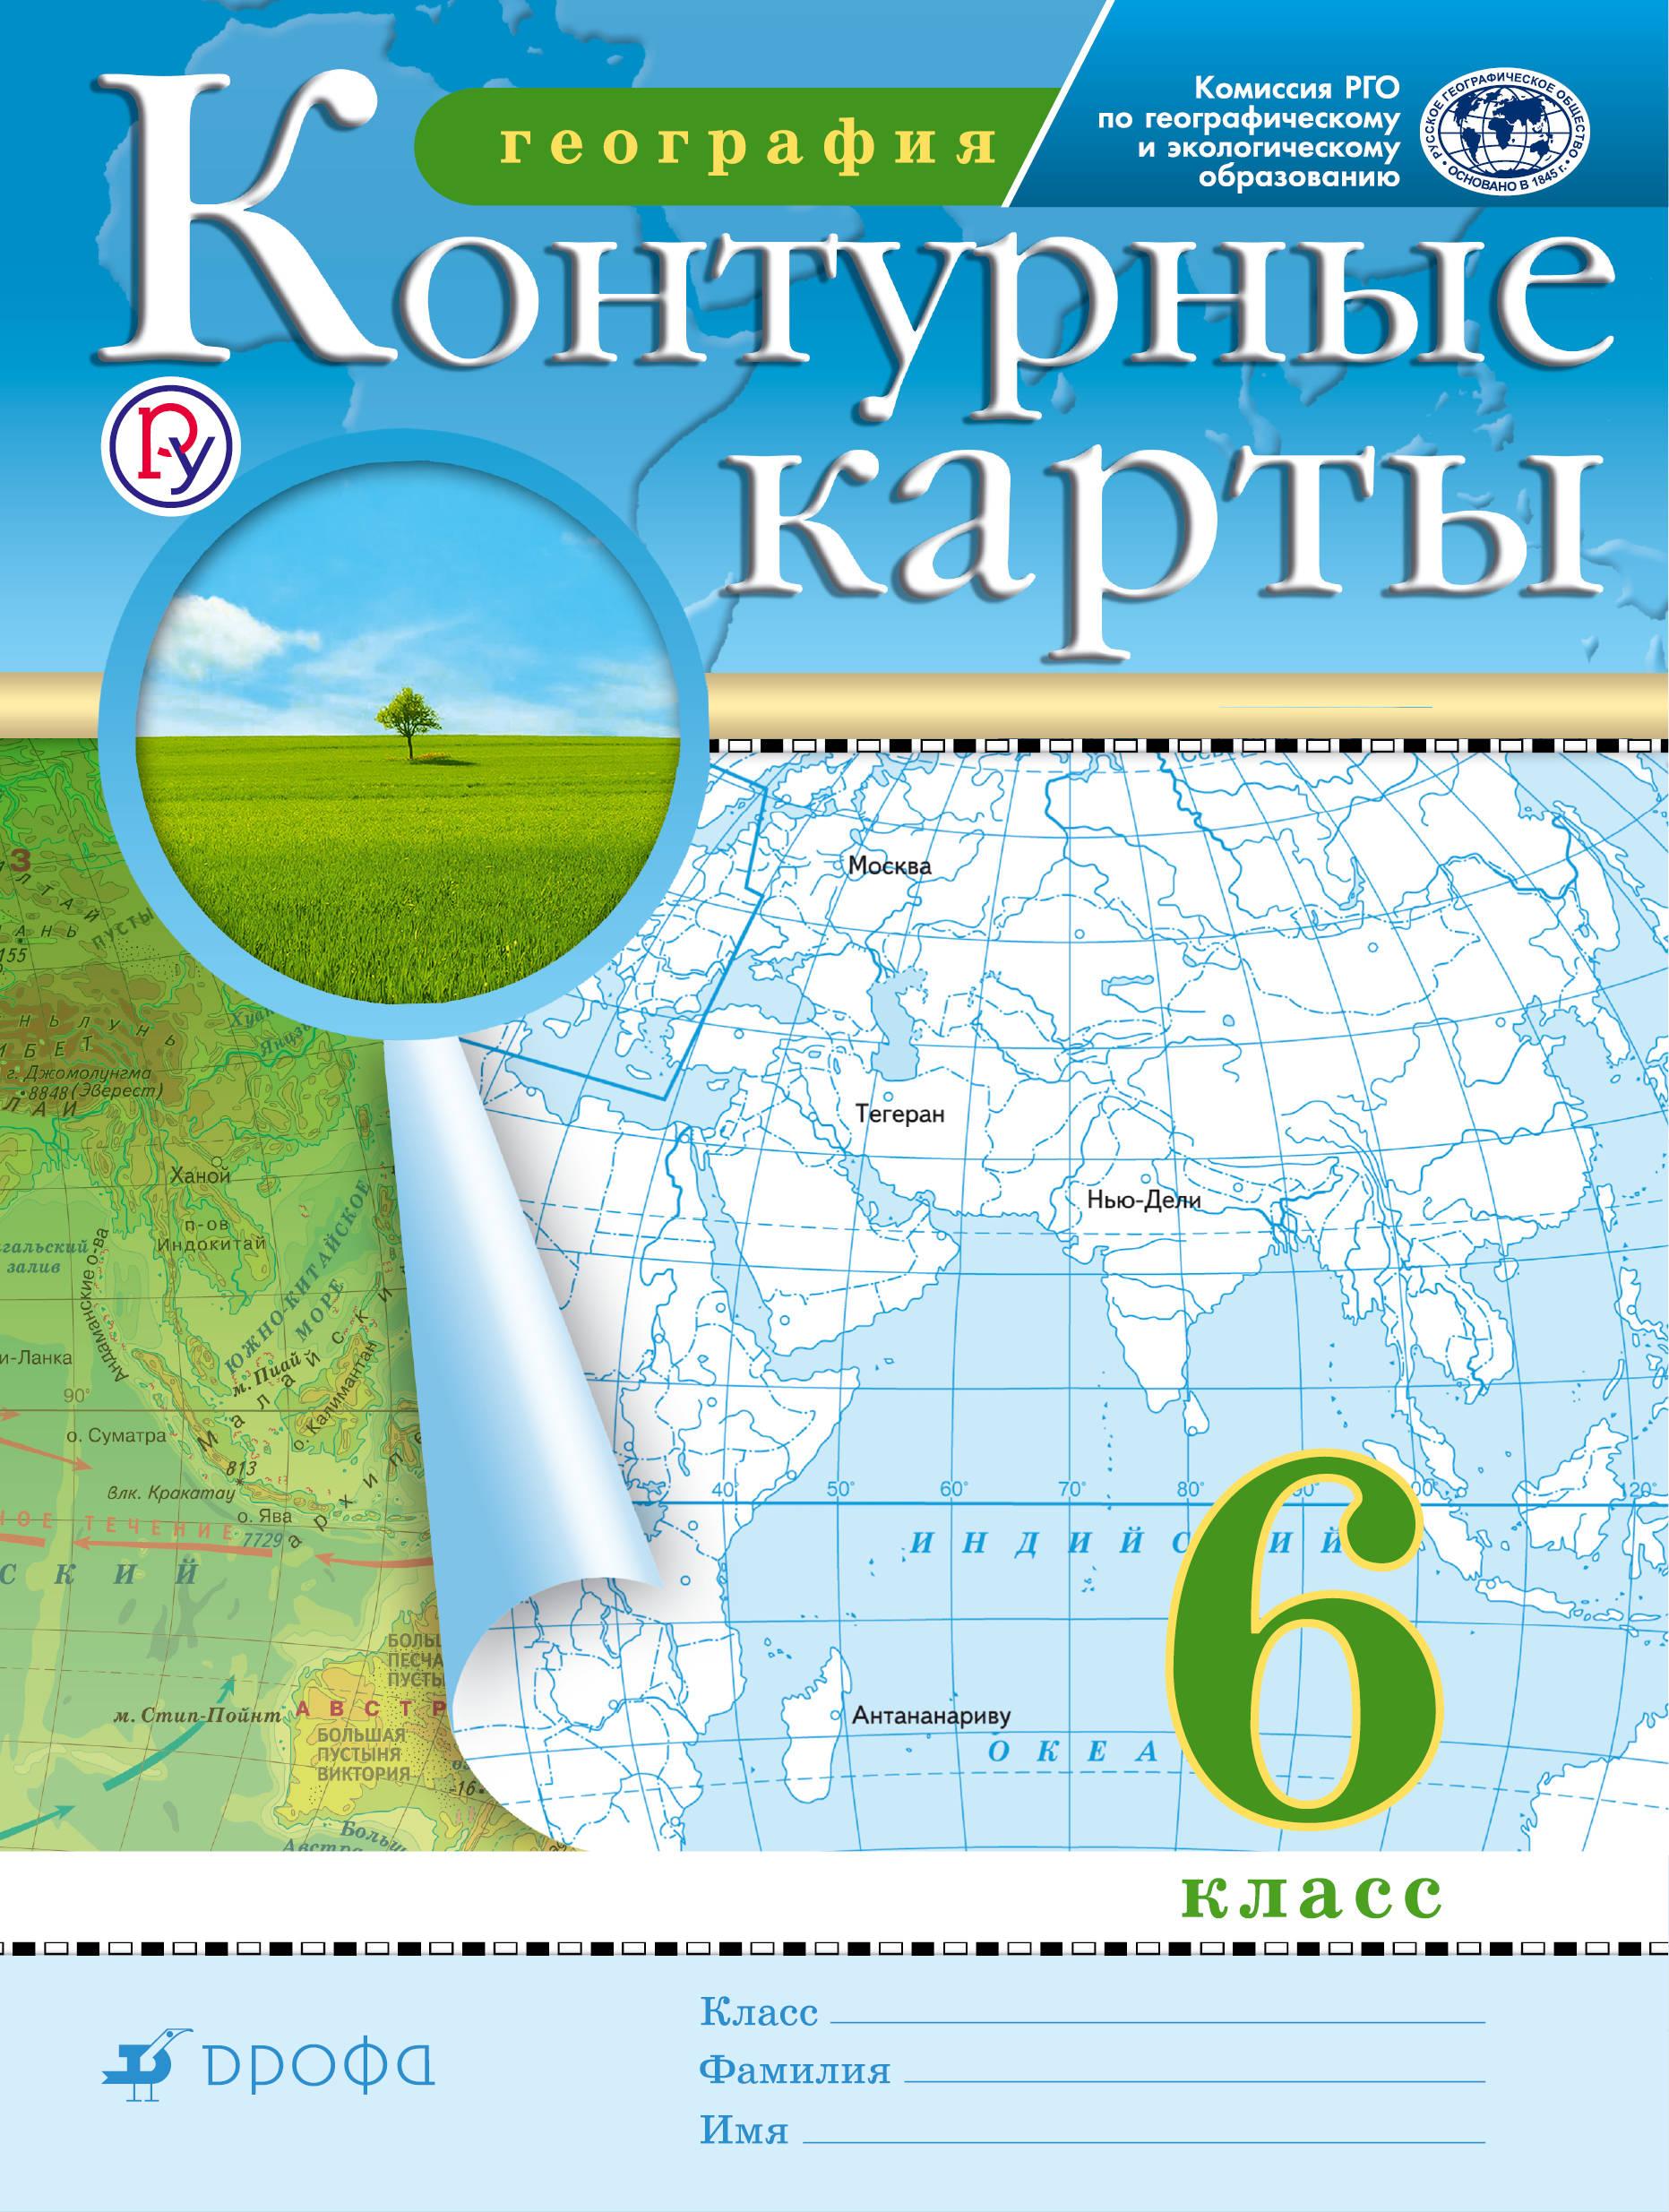 География. 6 класс. Контурные карты. (Традиционный комплект) (РГО) география 10 11 классы атлас традиционный комплект рго